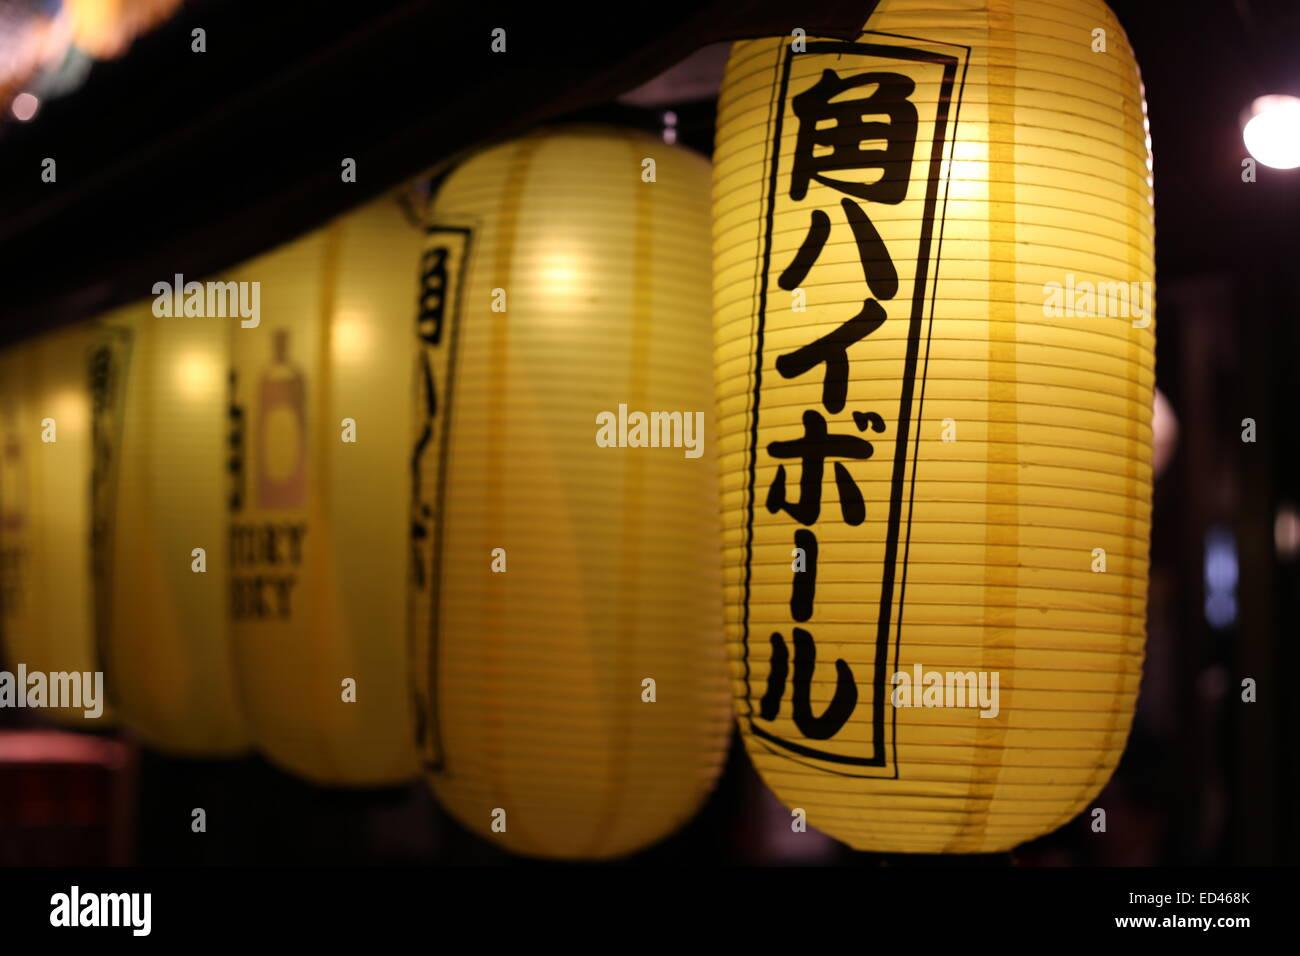 This image of Japanese lanterns at night was captured in Shinjuku, Japan during December 2014. - Stock Image